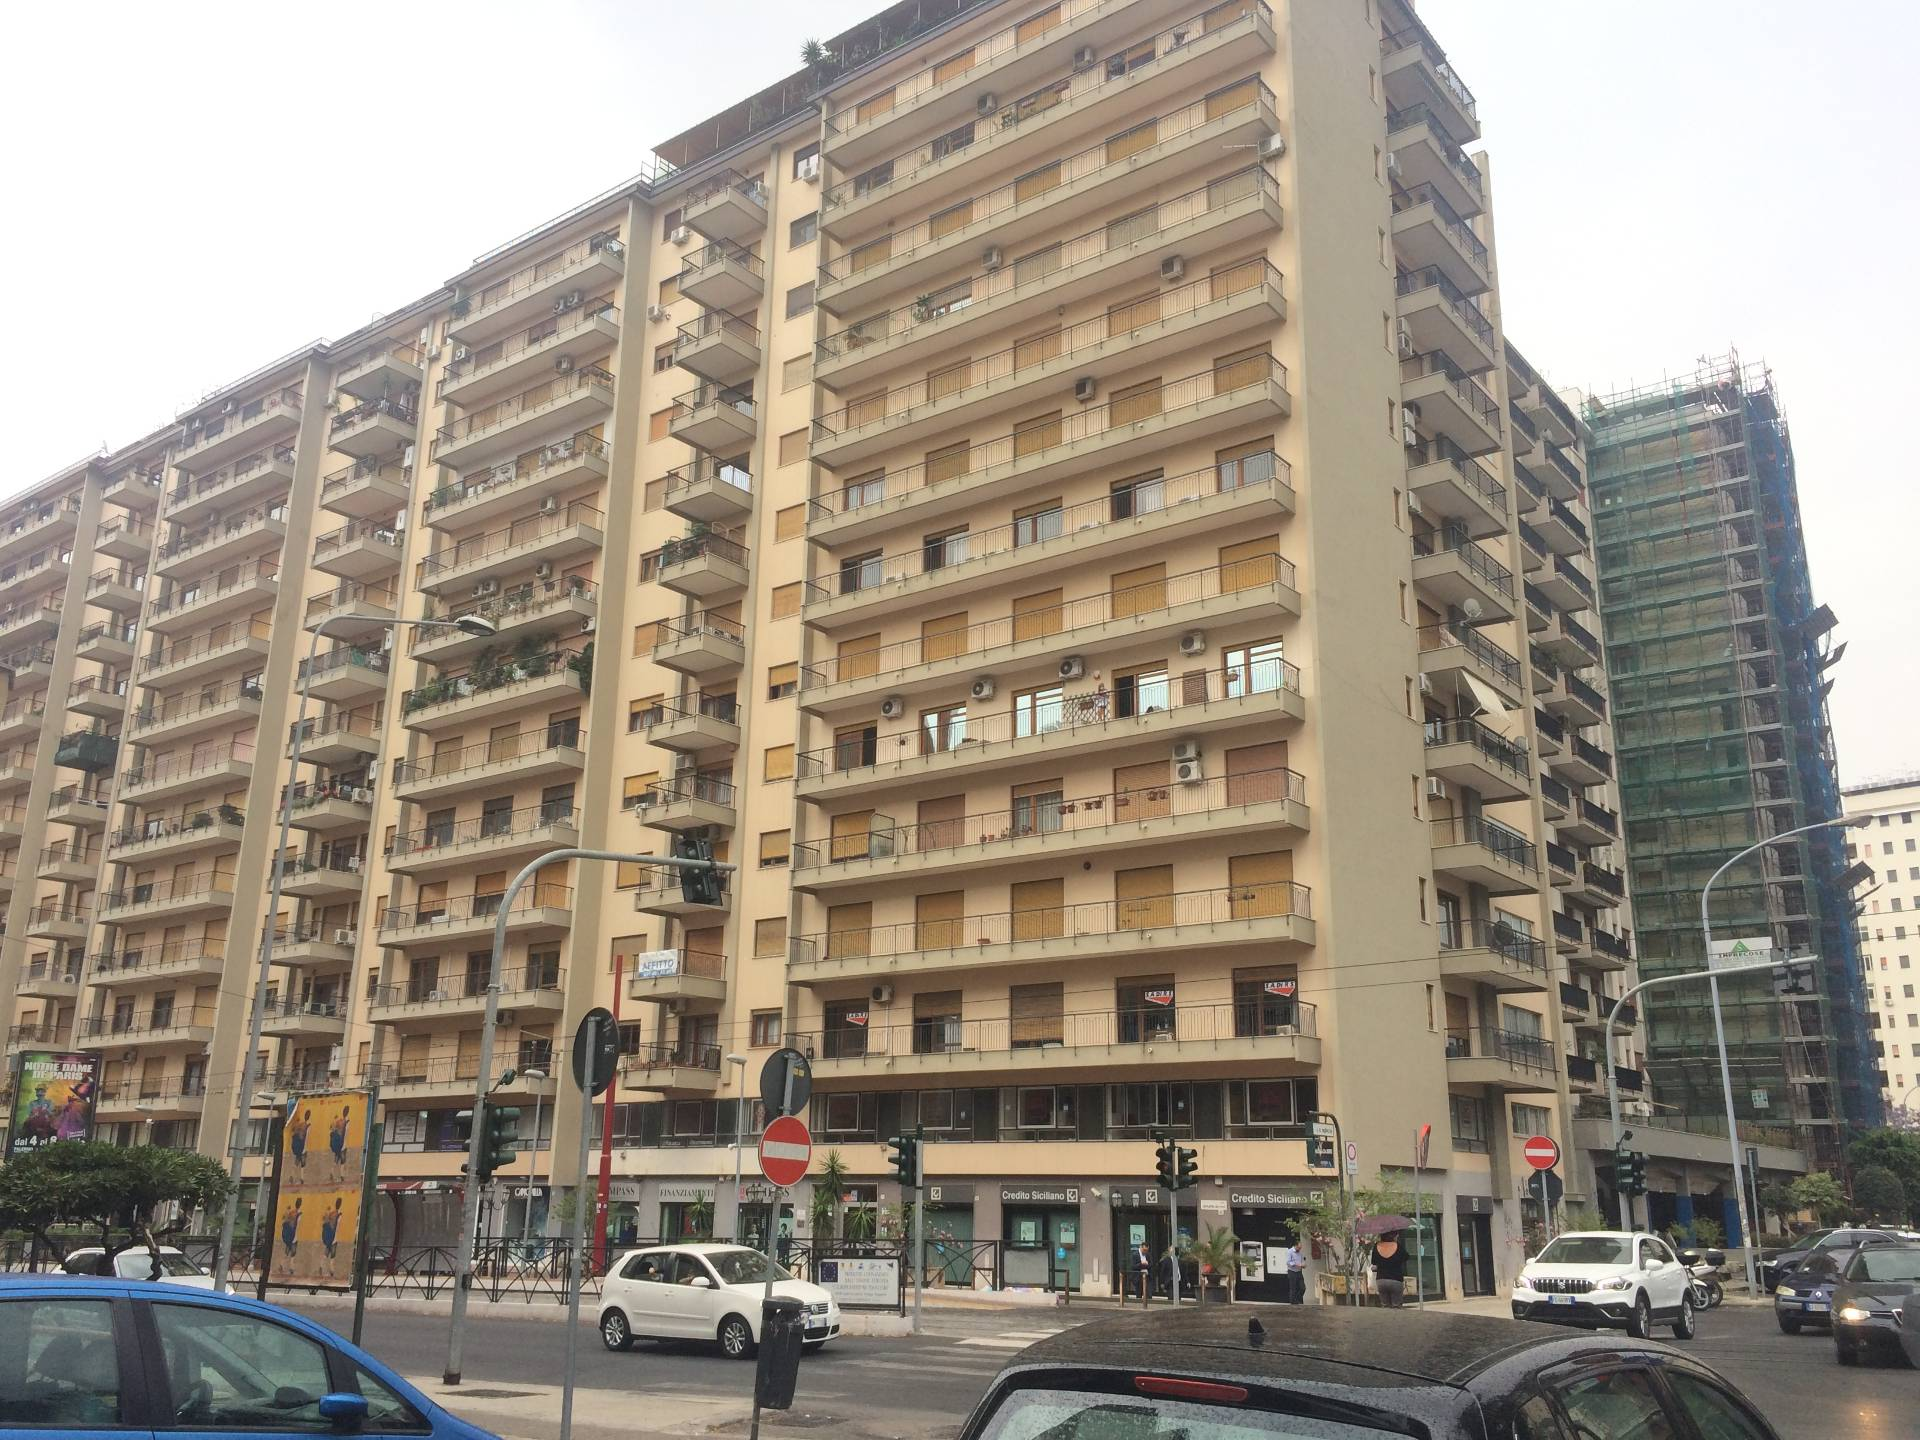 Appartamento in affitto a Palermo, 4 locali, zona Località: LeonardoDaVinci, prezzo € 600 | CambioCasa.it